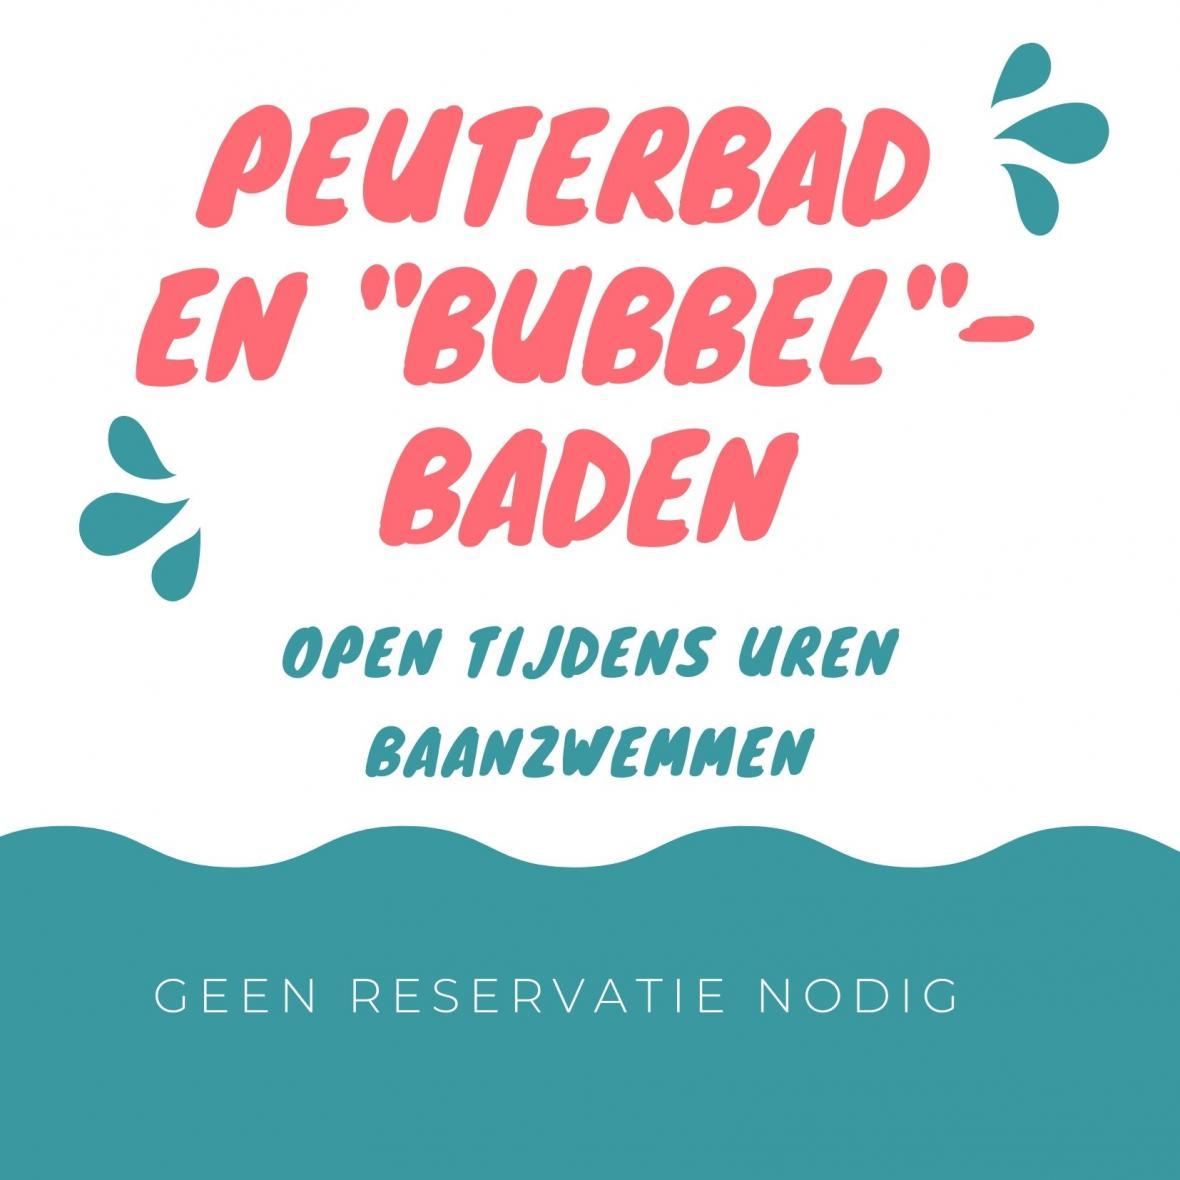 Peuter- en bubbelbaden open